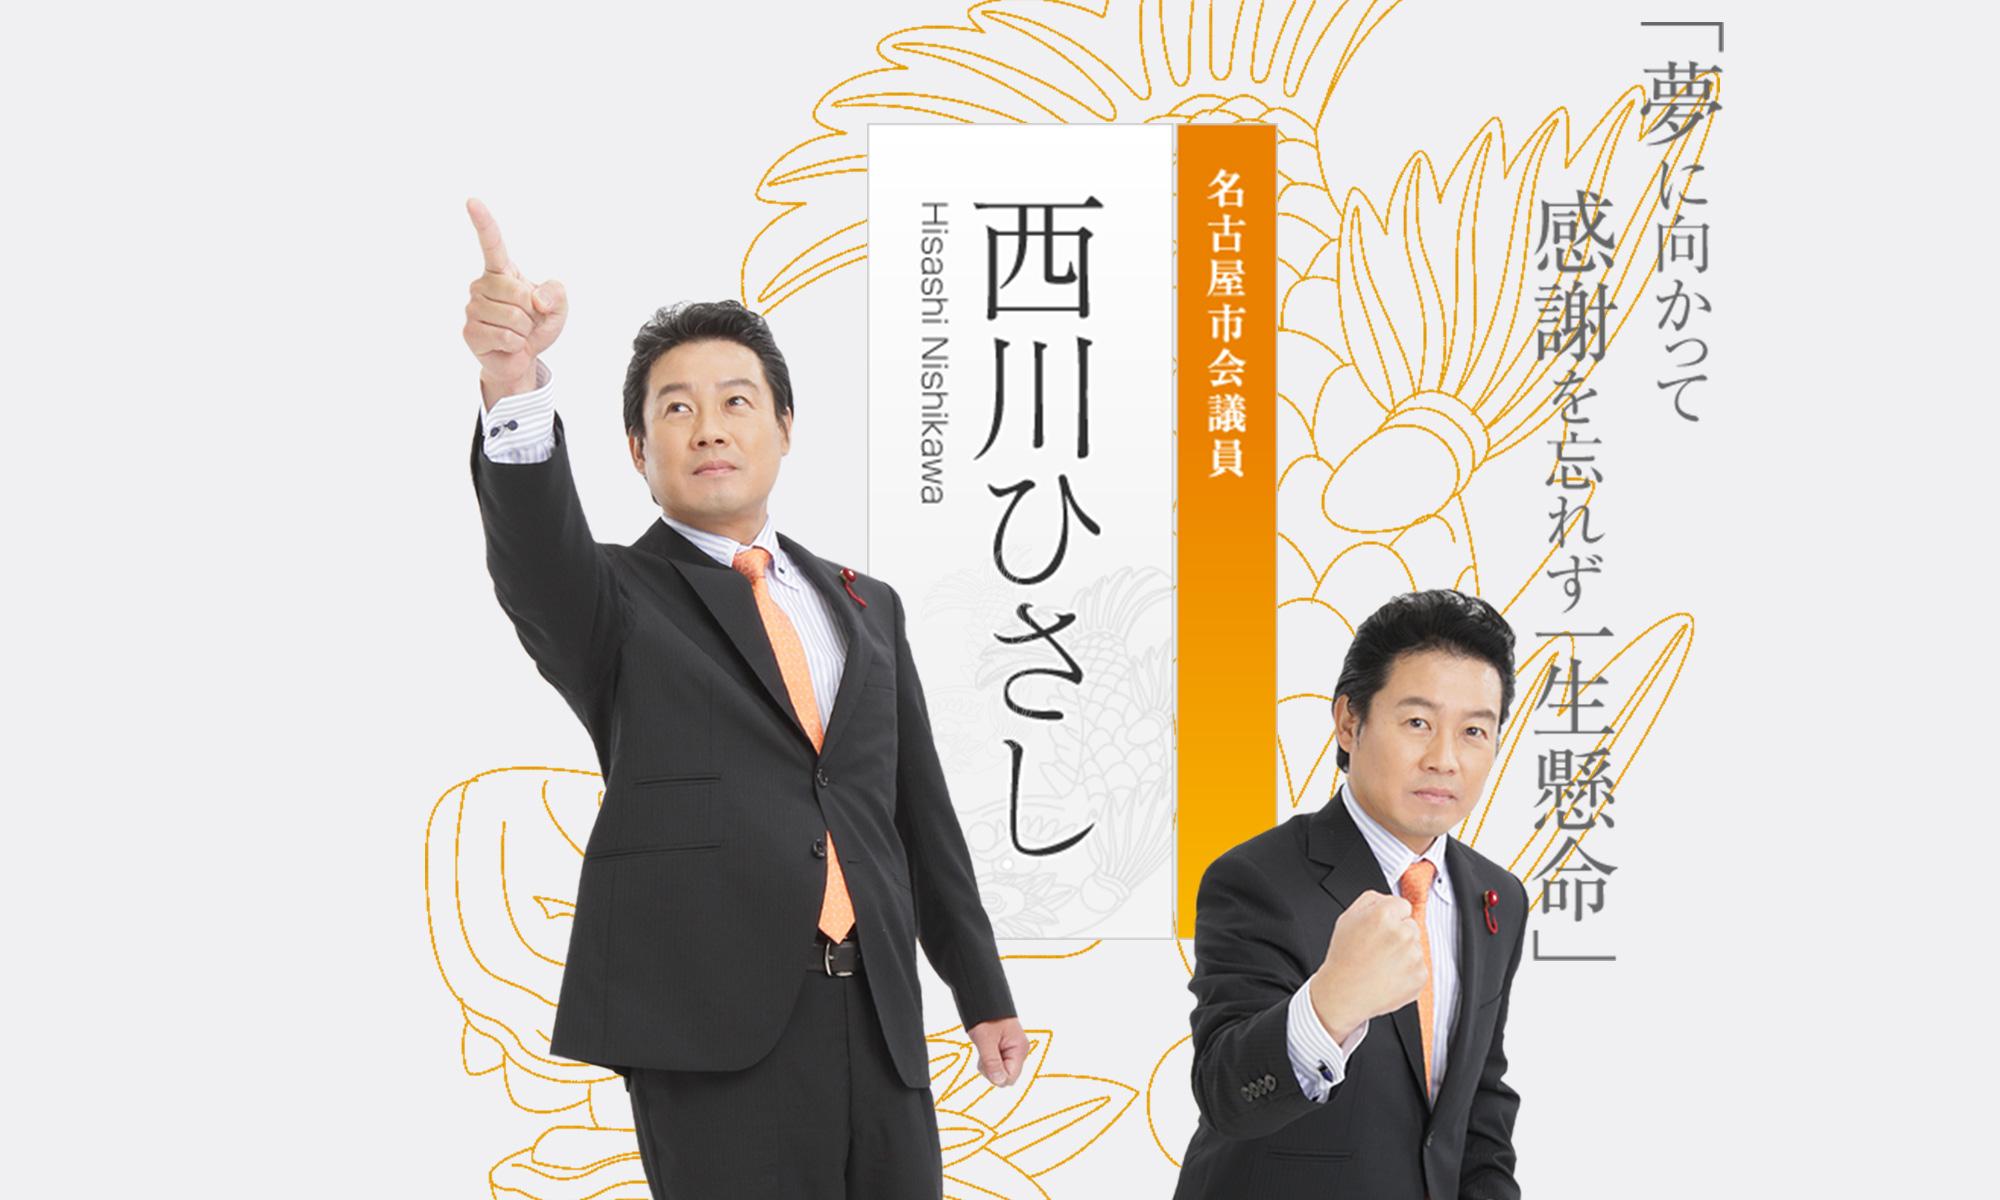 名古屋市会議員 西川ひさし公式ホームページ